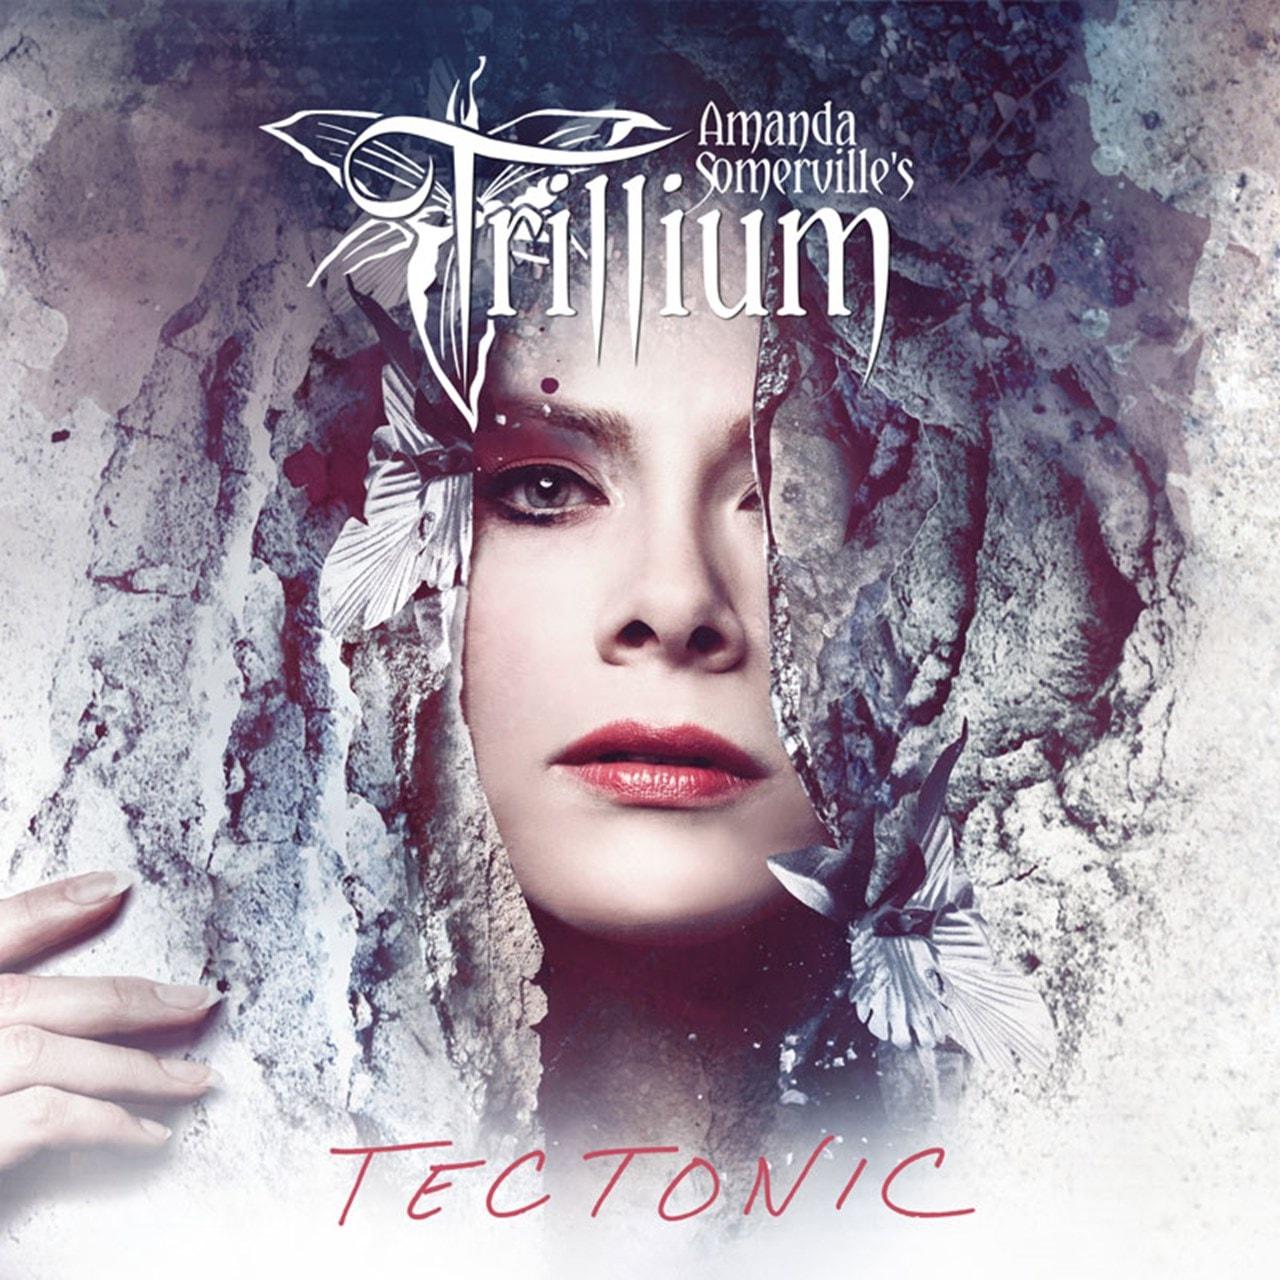 Tectonic - 1